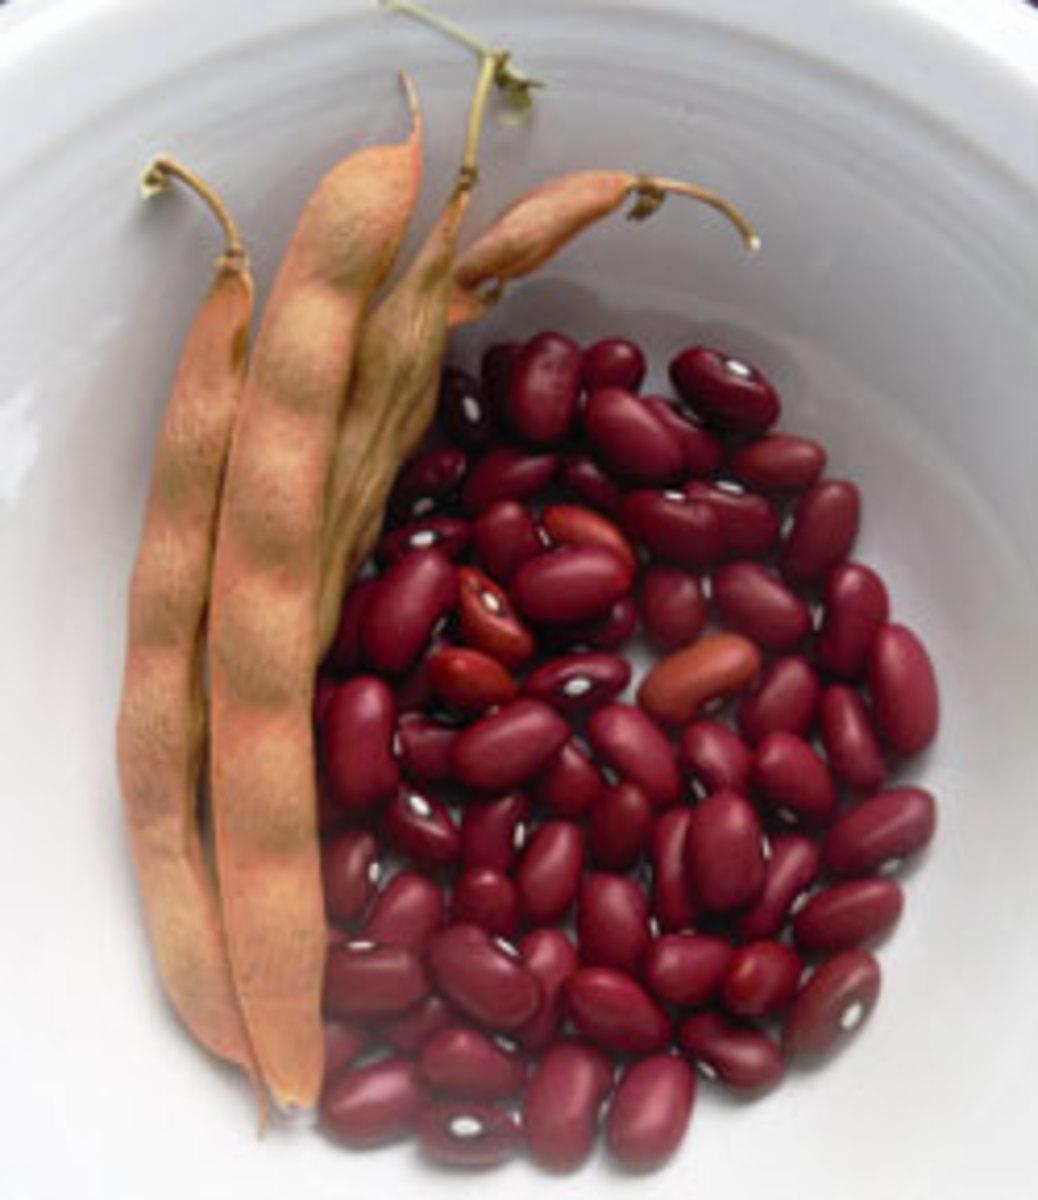 hopi red beans